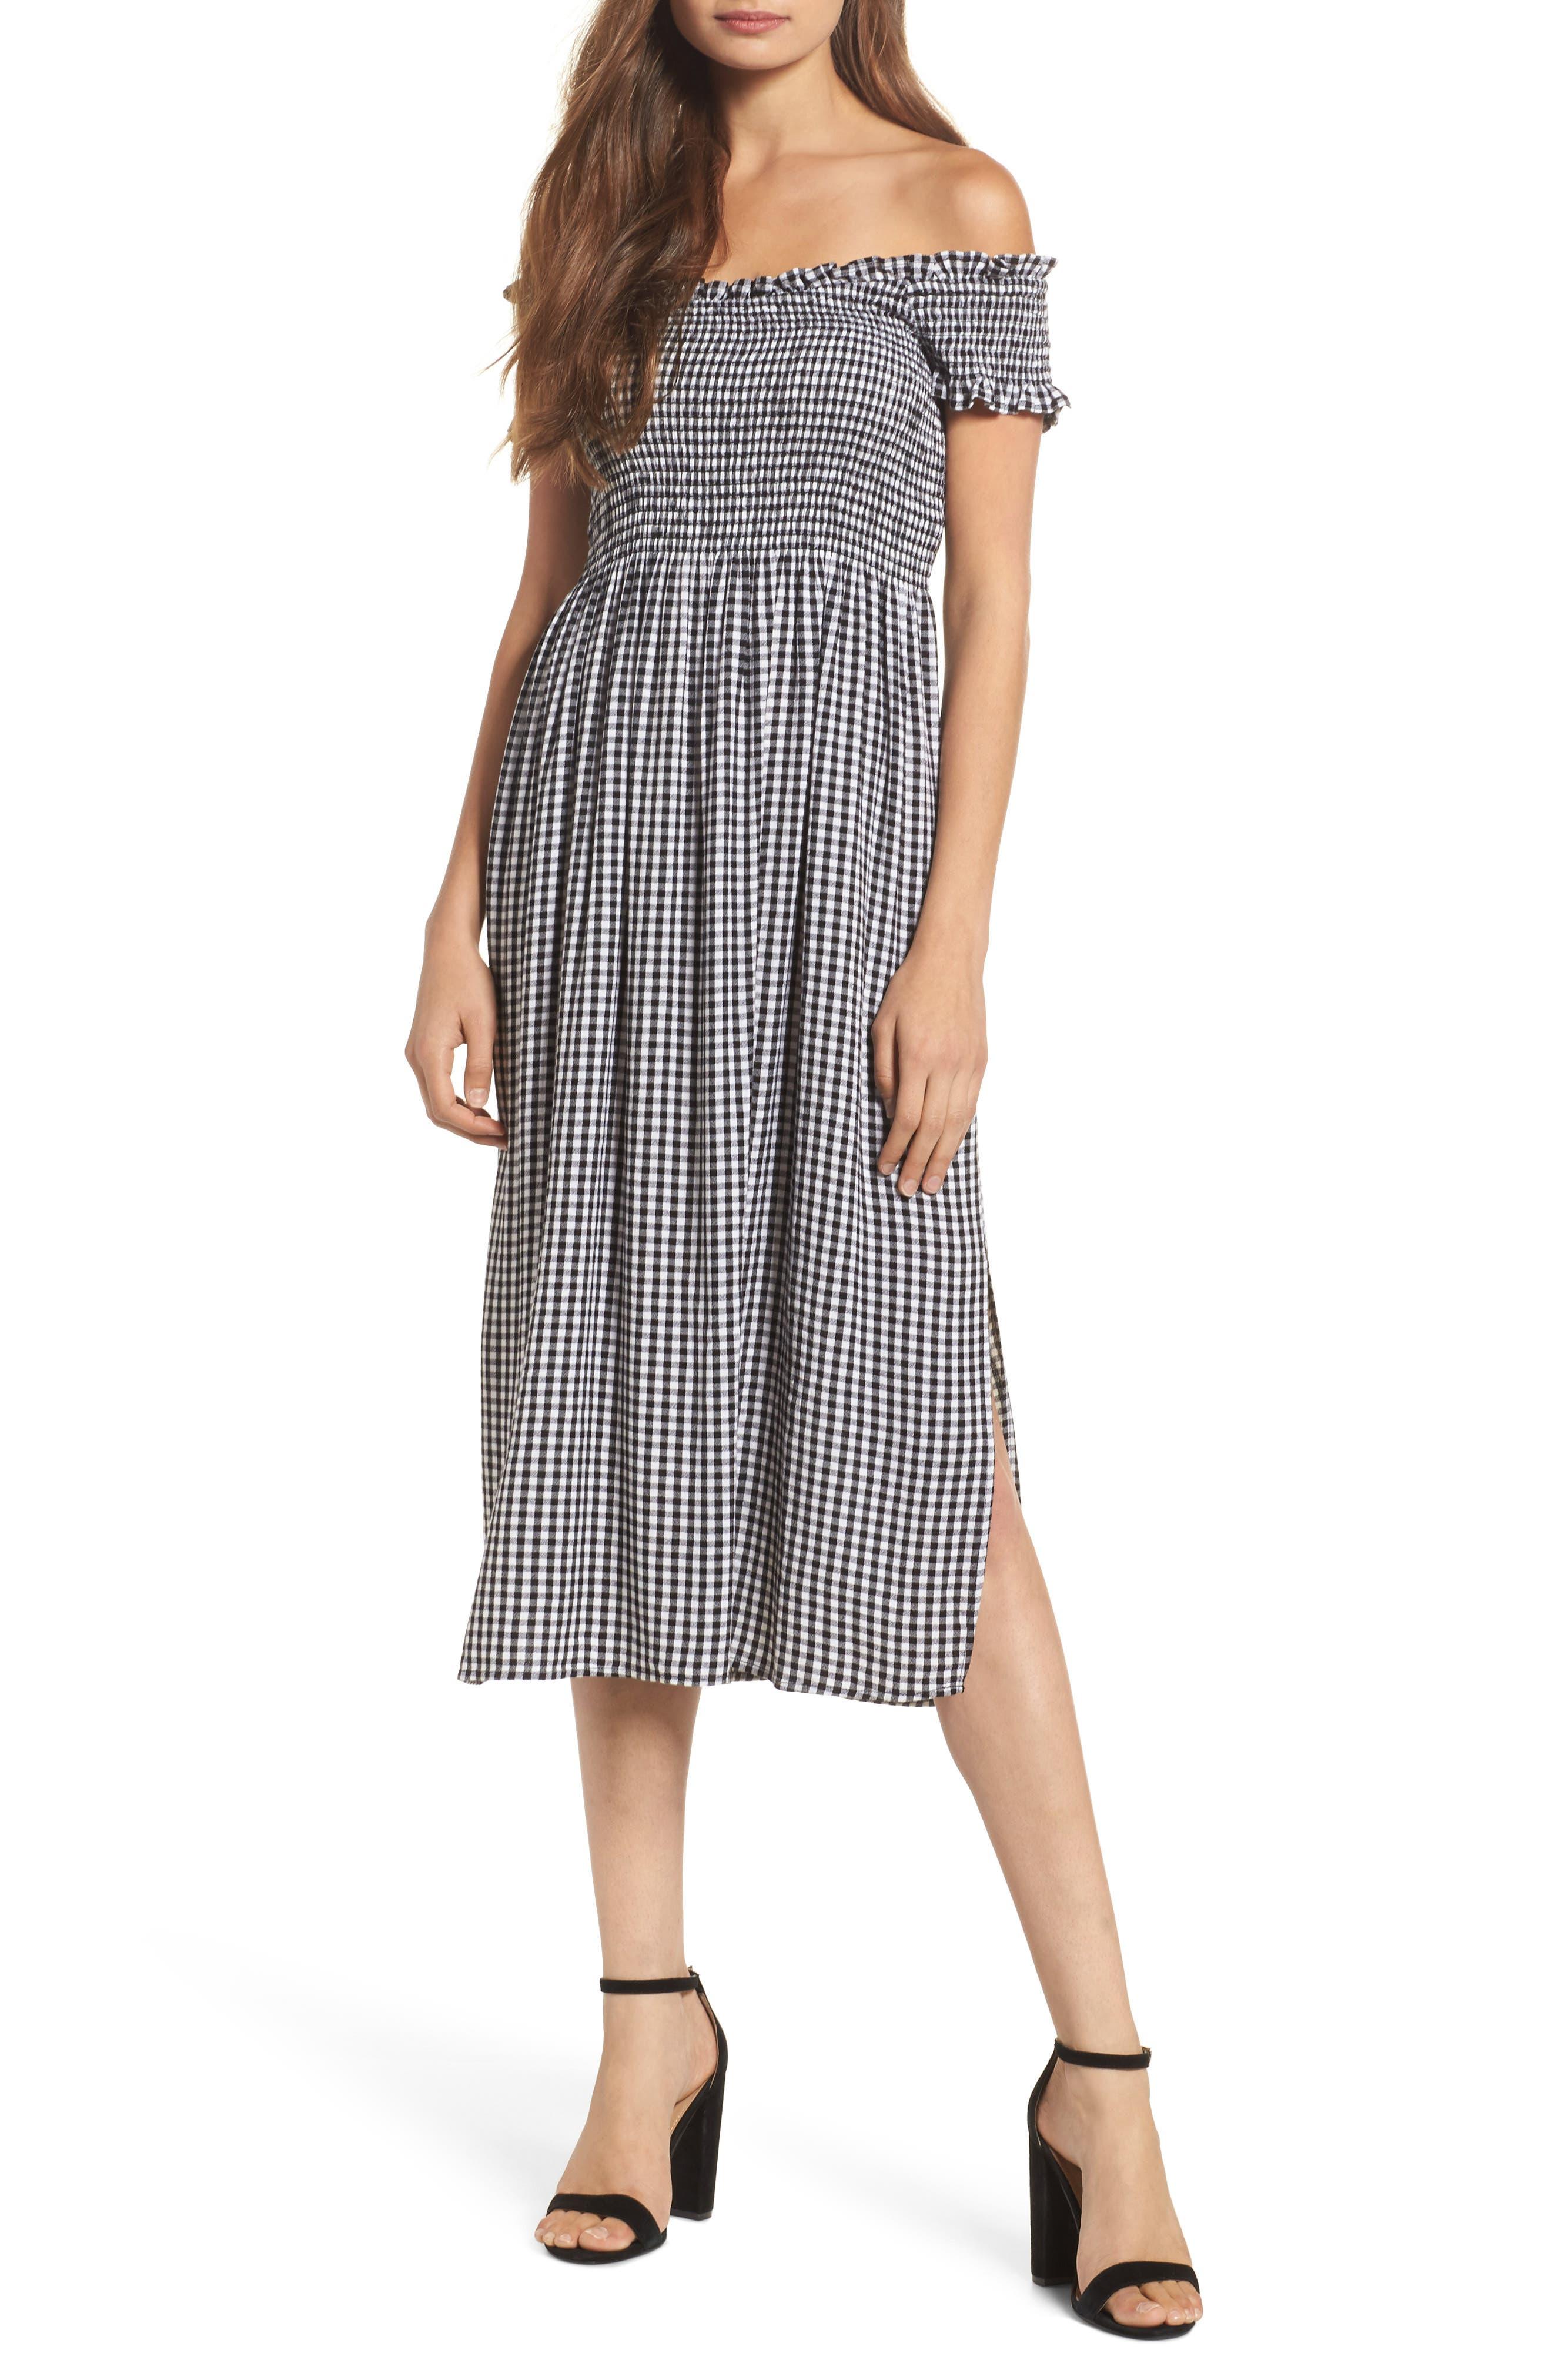 BARDOT Gingham Off the Shoulder Midi Dress, Main, color, BLACK GINGHAM